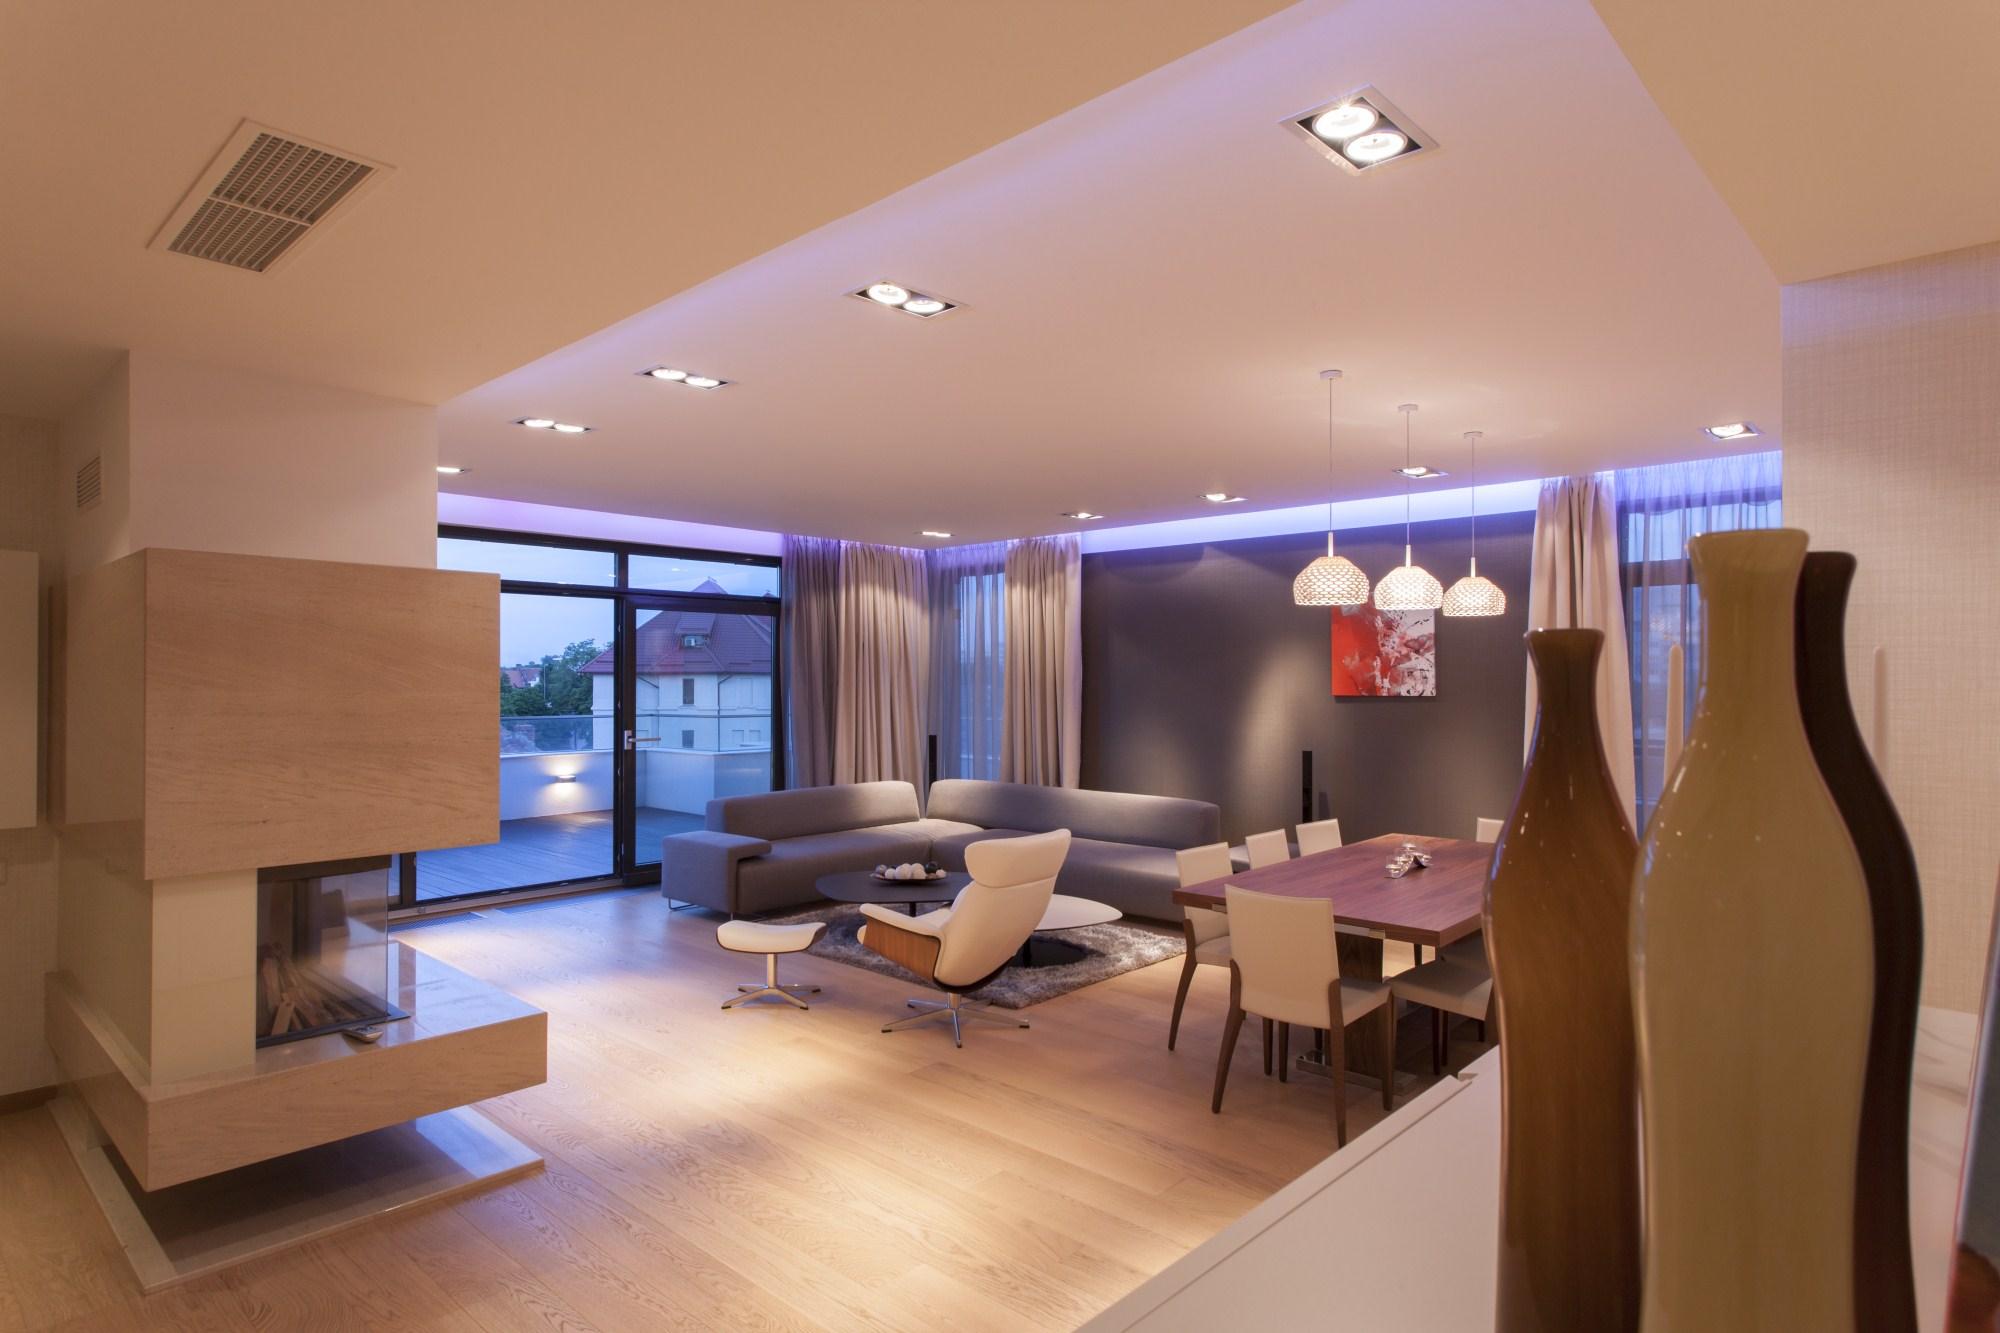 https://nbc-arhitect.ro/wp-content/uploads/2020/11/NBC-Arhitect-_-interior-design-_-Petofi-Sandor-_-Romania_42.jpg